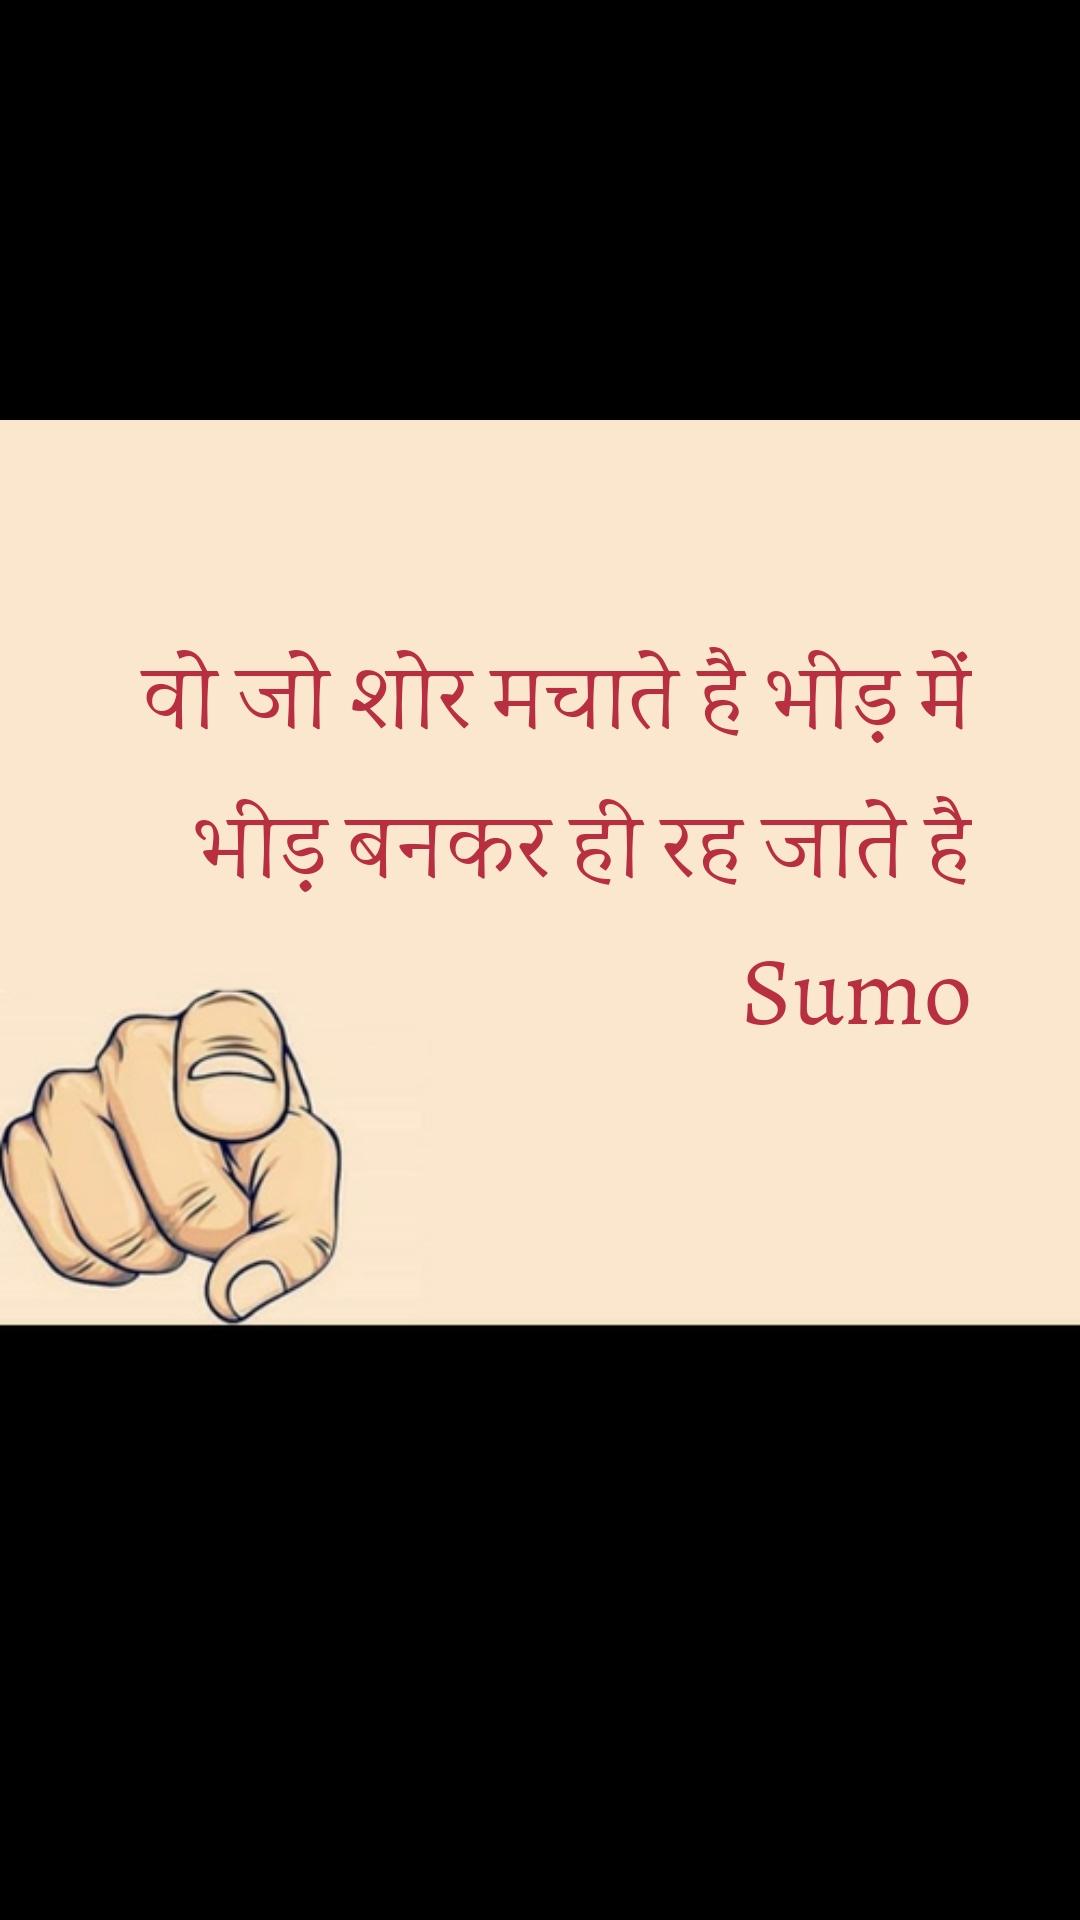 Quotes on world वो जो शोर मचाते है भीड़ में भीड़ बनकर ही रह जाते है      Sumo